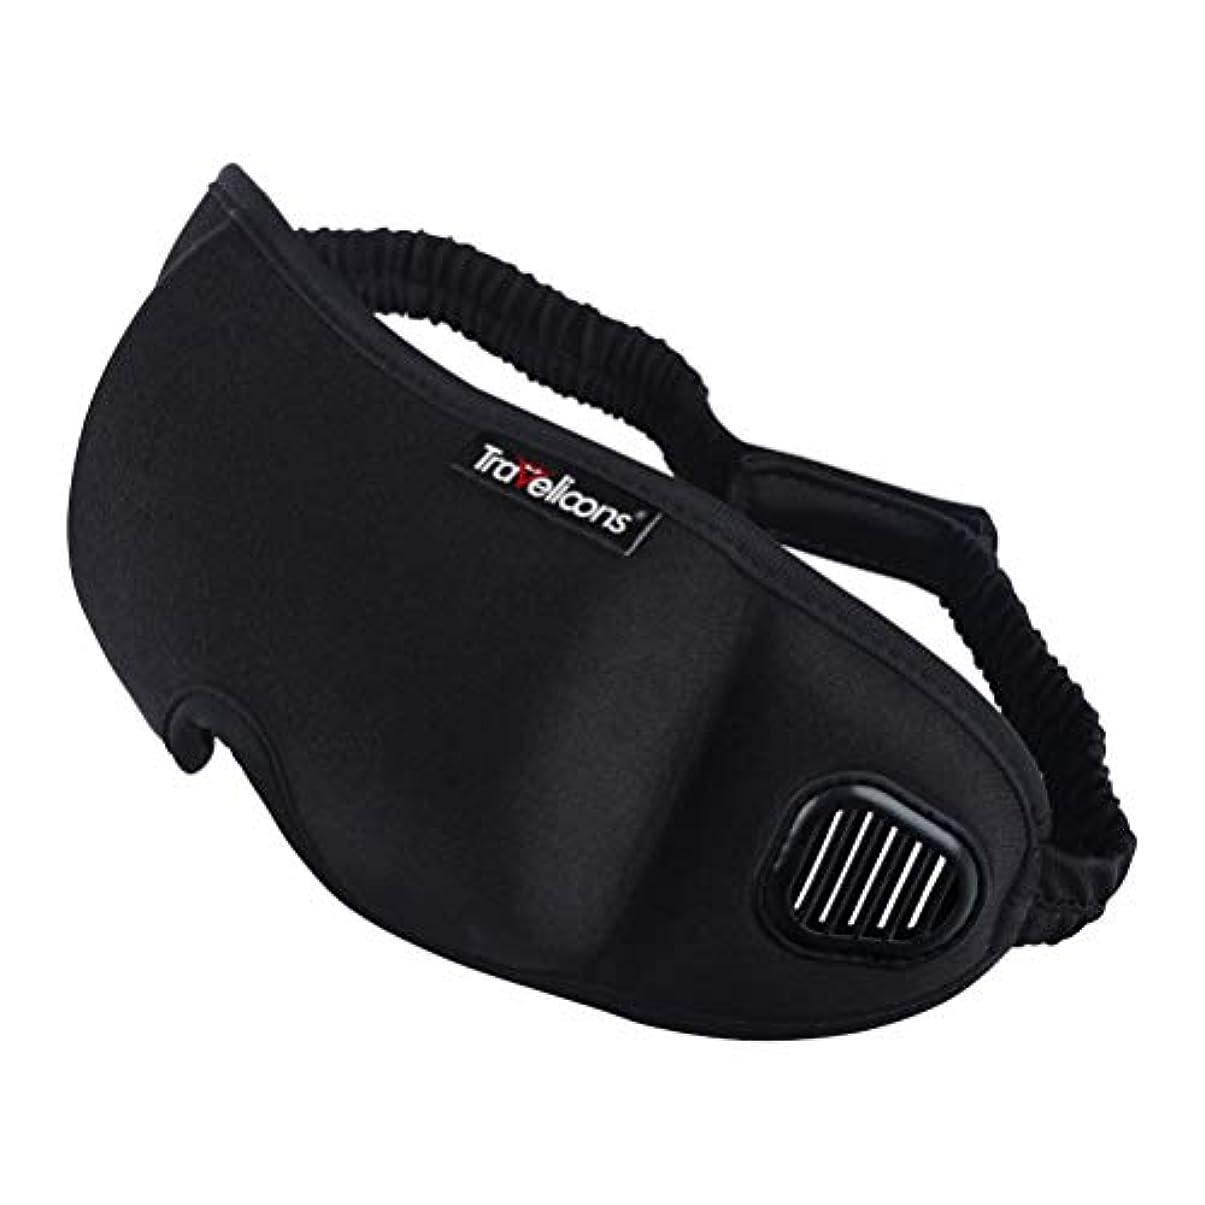 自発的センター動力学SUPVOX 男性と女性のための3Dスリープアイマスク(耳栓のない黒)